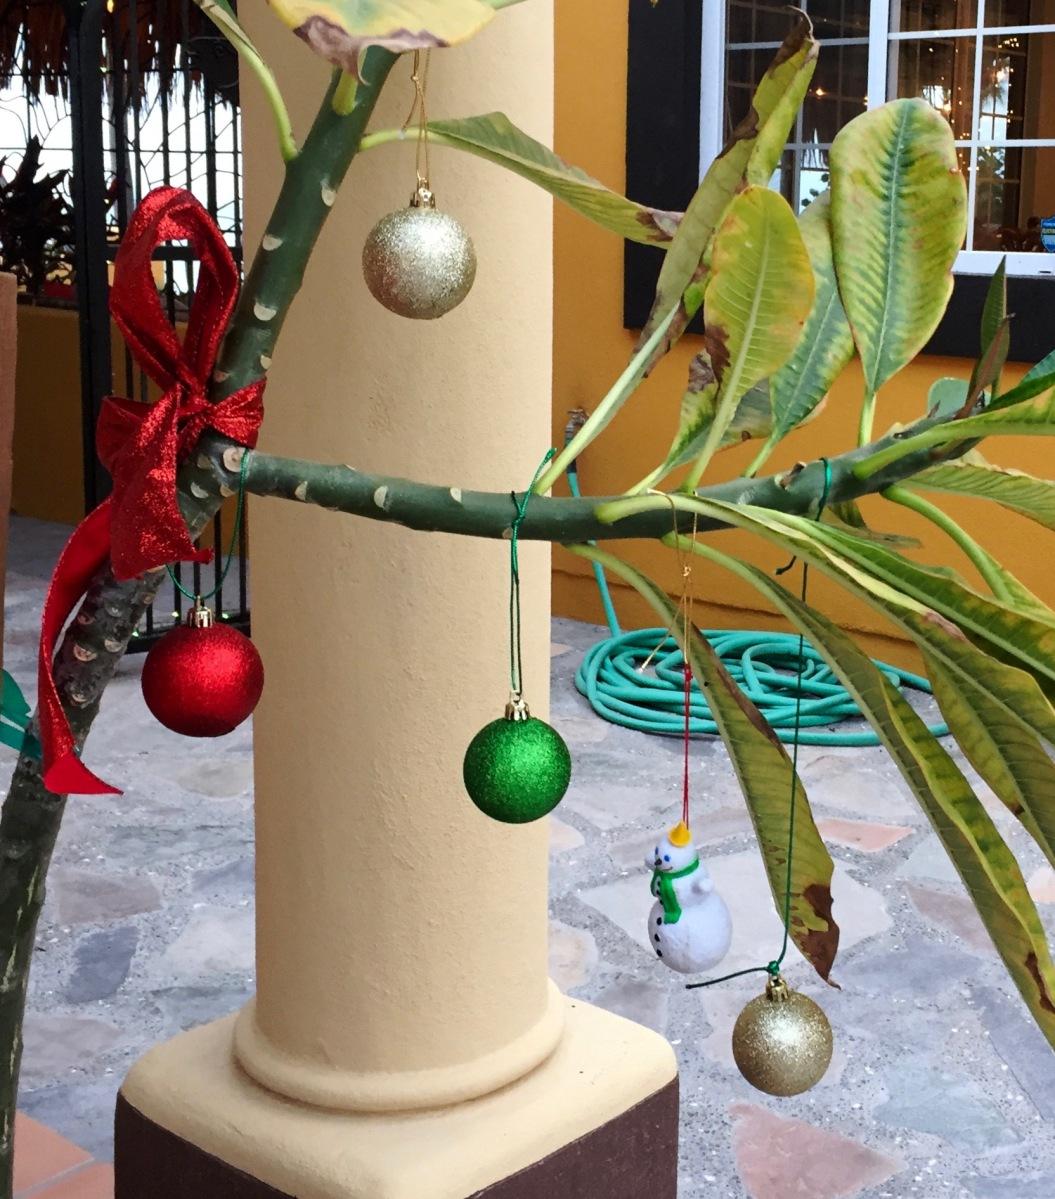 Plumeria w/decorations